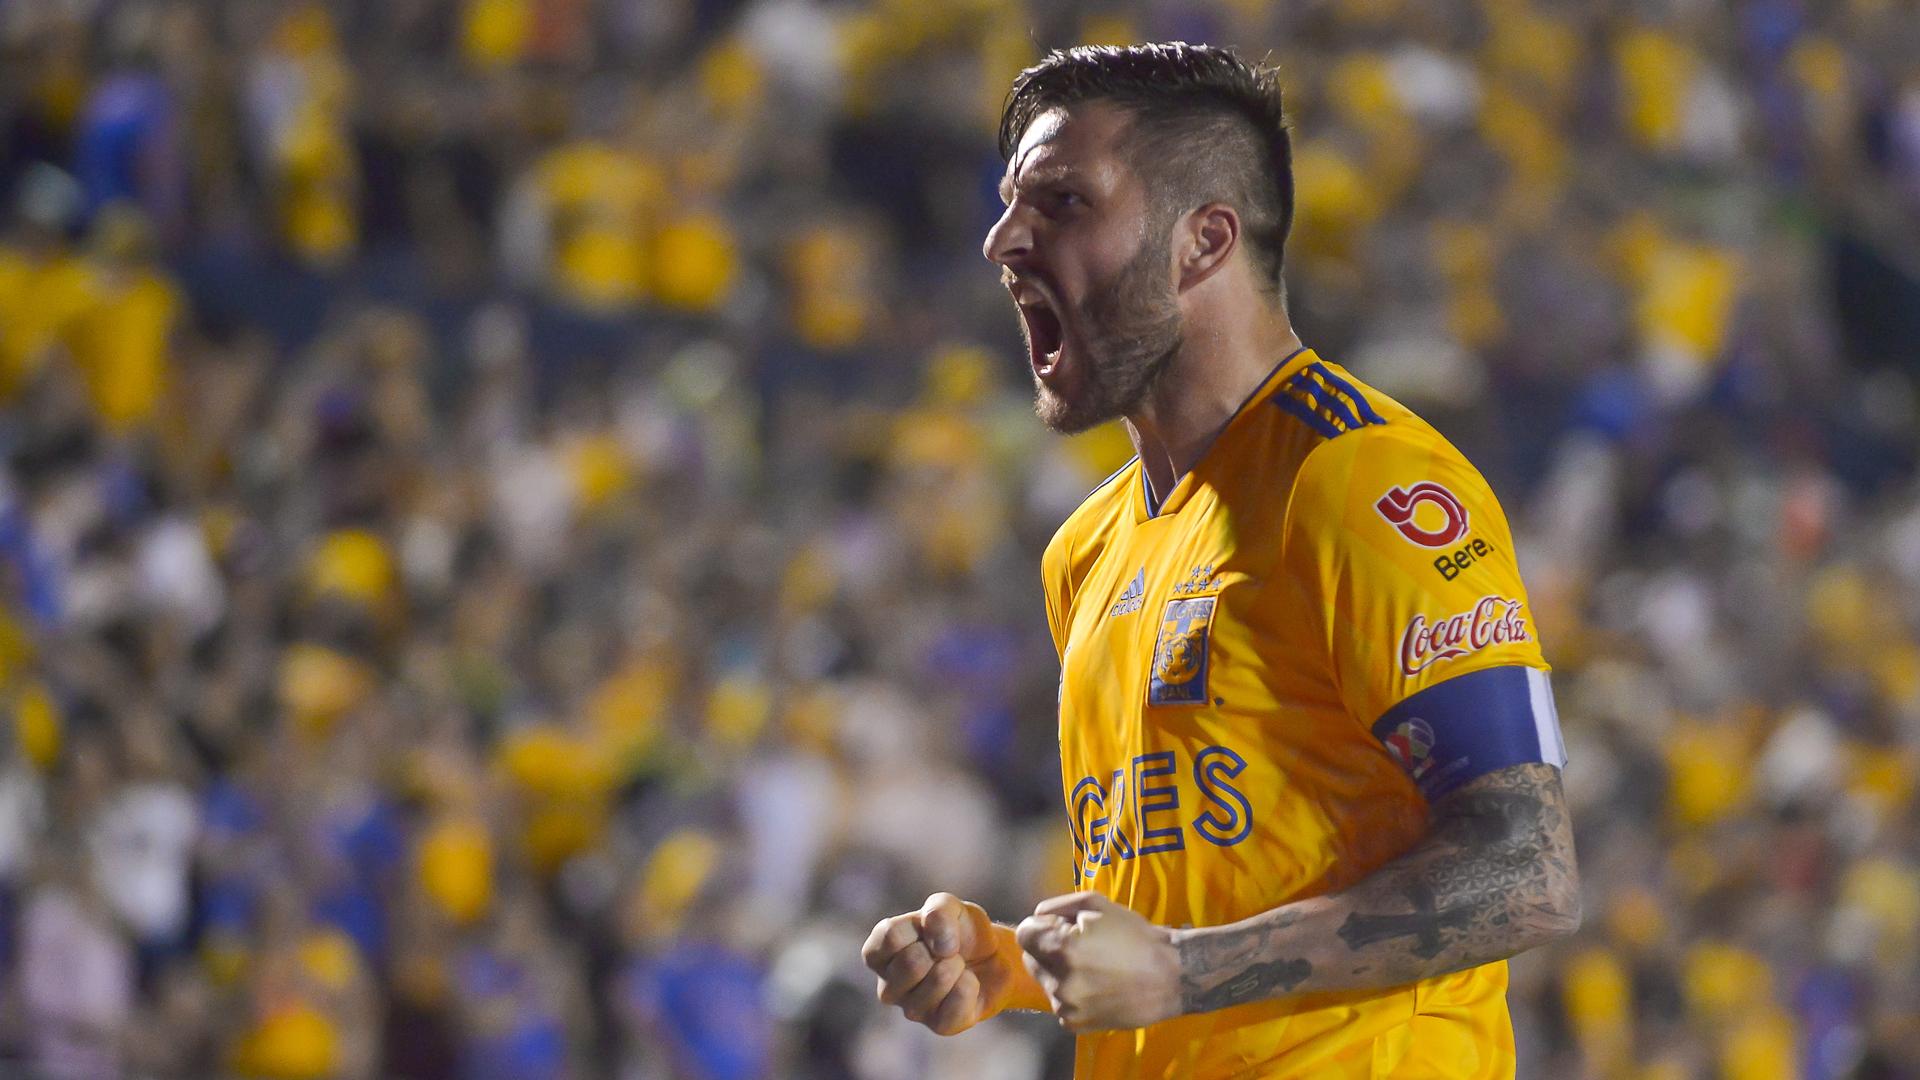 Fue buscado por Boca Juniors — ANDRÉ PIERRE GIGNAC